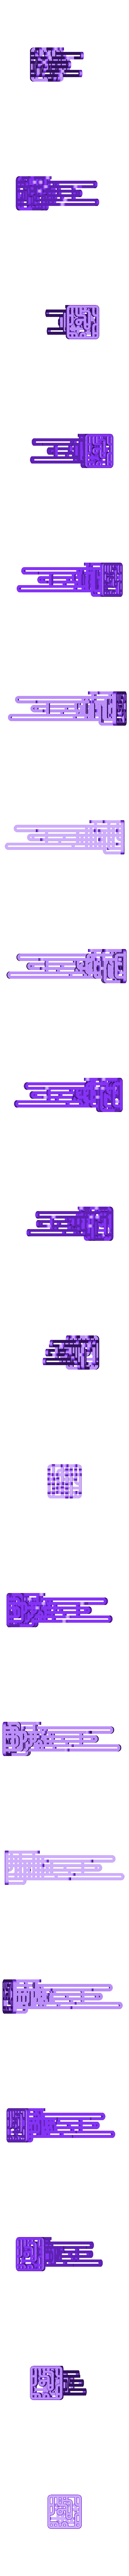 big1.stl Télécharger fichier STL gratuit Boucles de procédure • Design imprimable en 3D, ferjerez3d